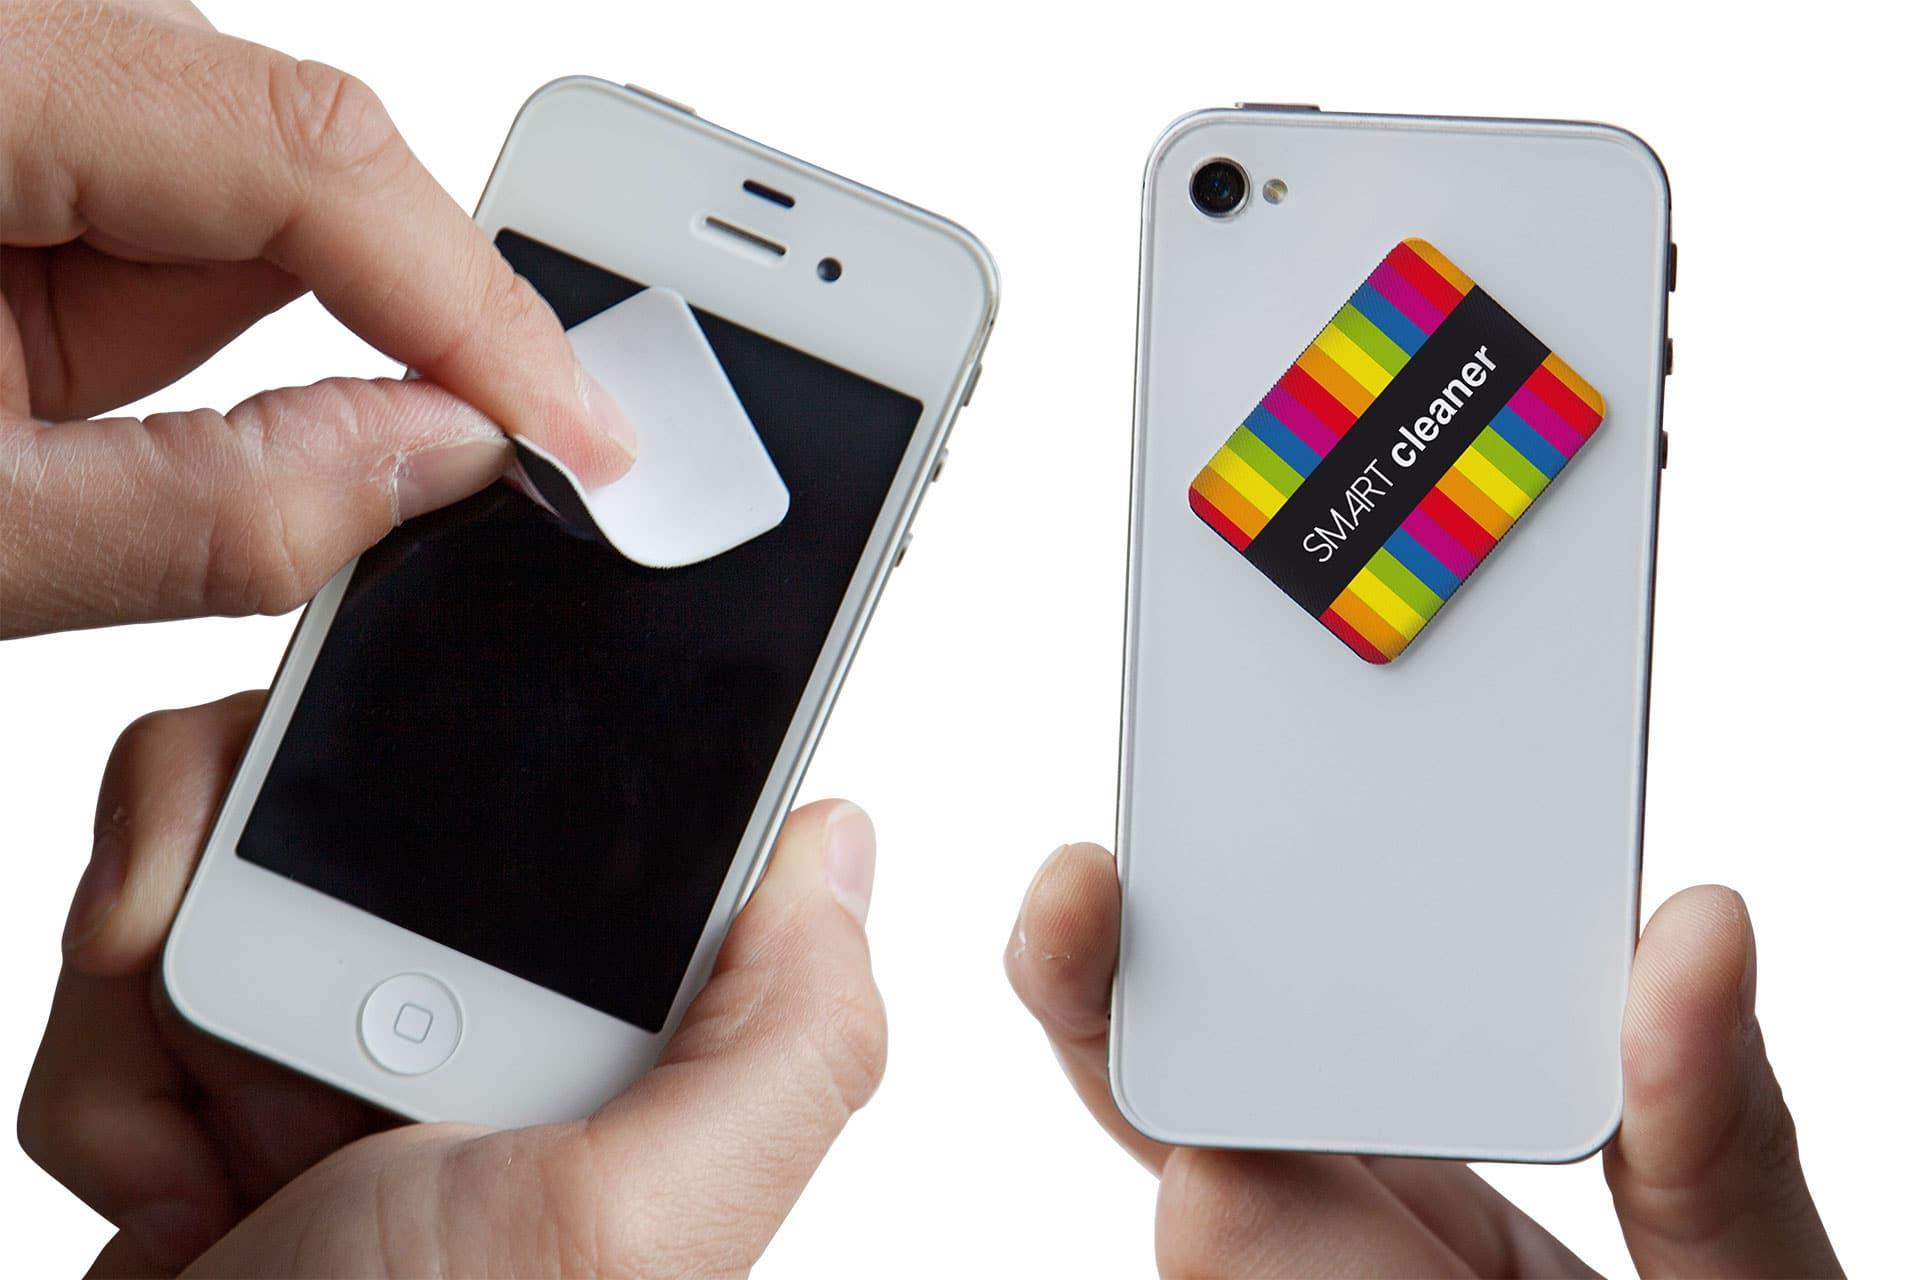 Pulisci schermo adesivo attacca stacca personalizzabile